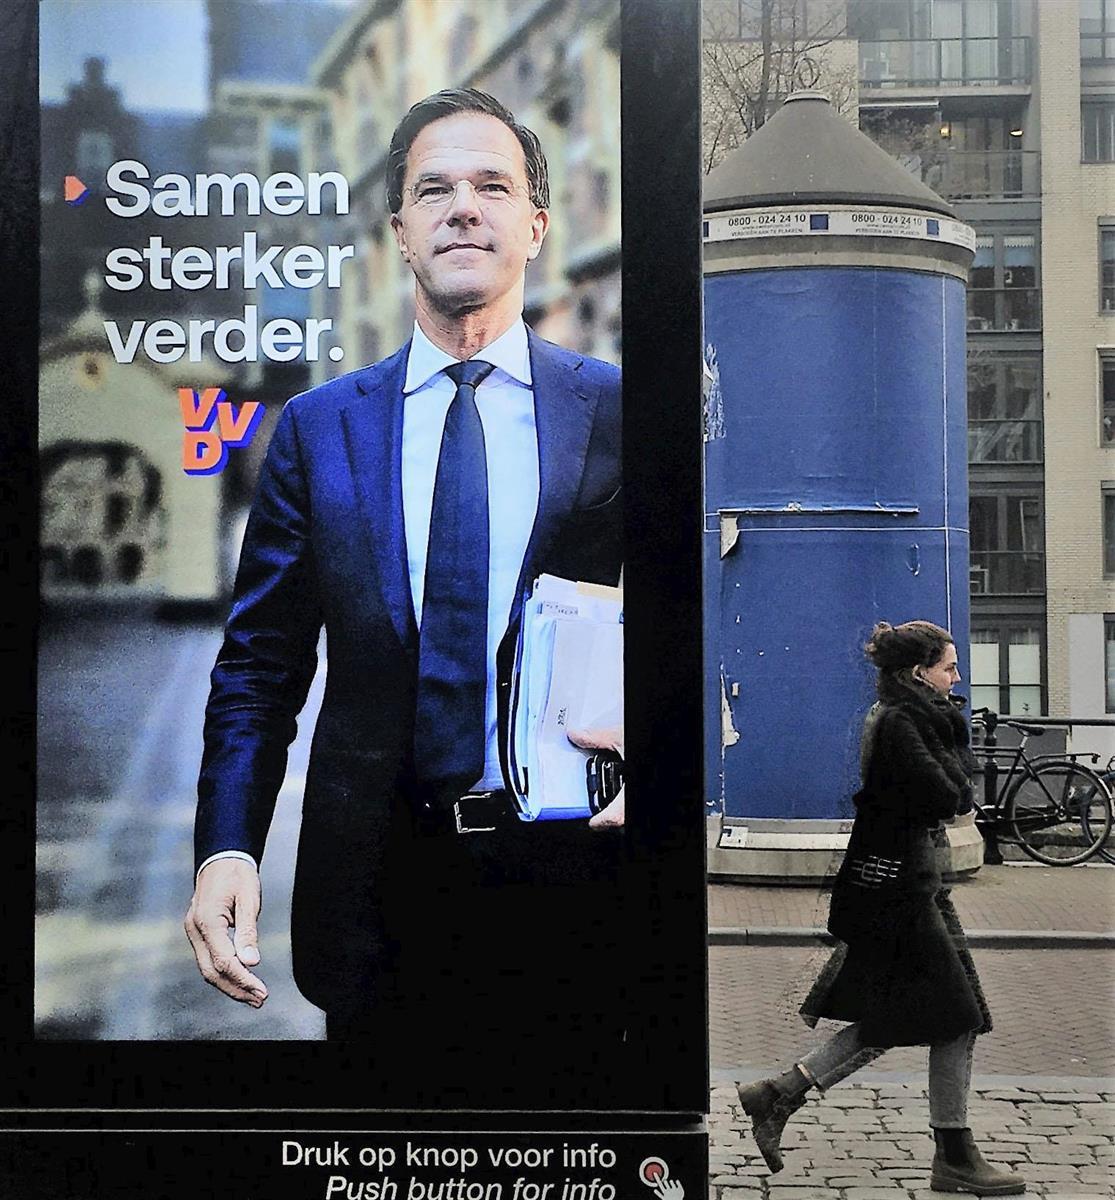 17日、オランダ・アムステルダム中心部で、ルッテ首相を大きく写した与党、自由民主党の選挙ポスター(共同)